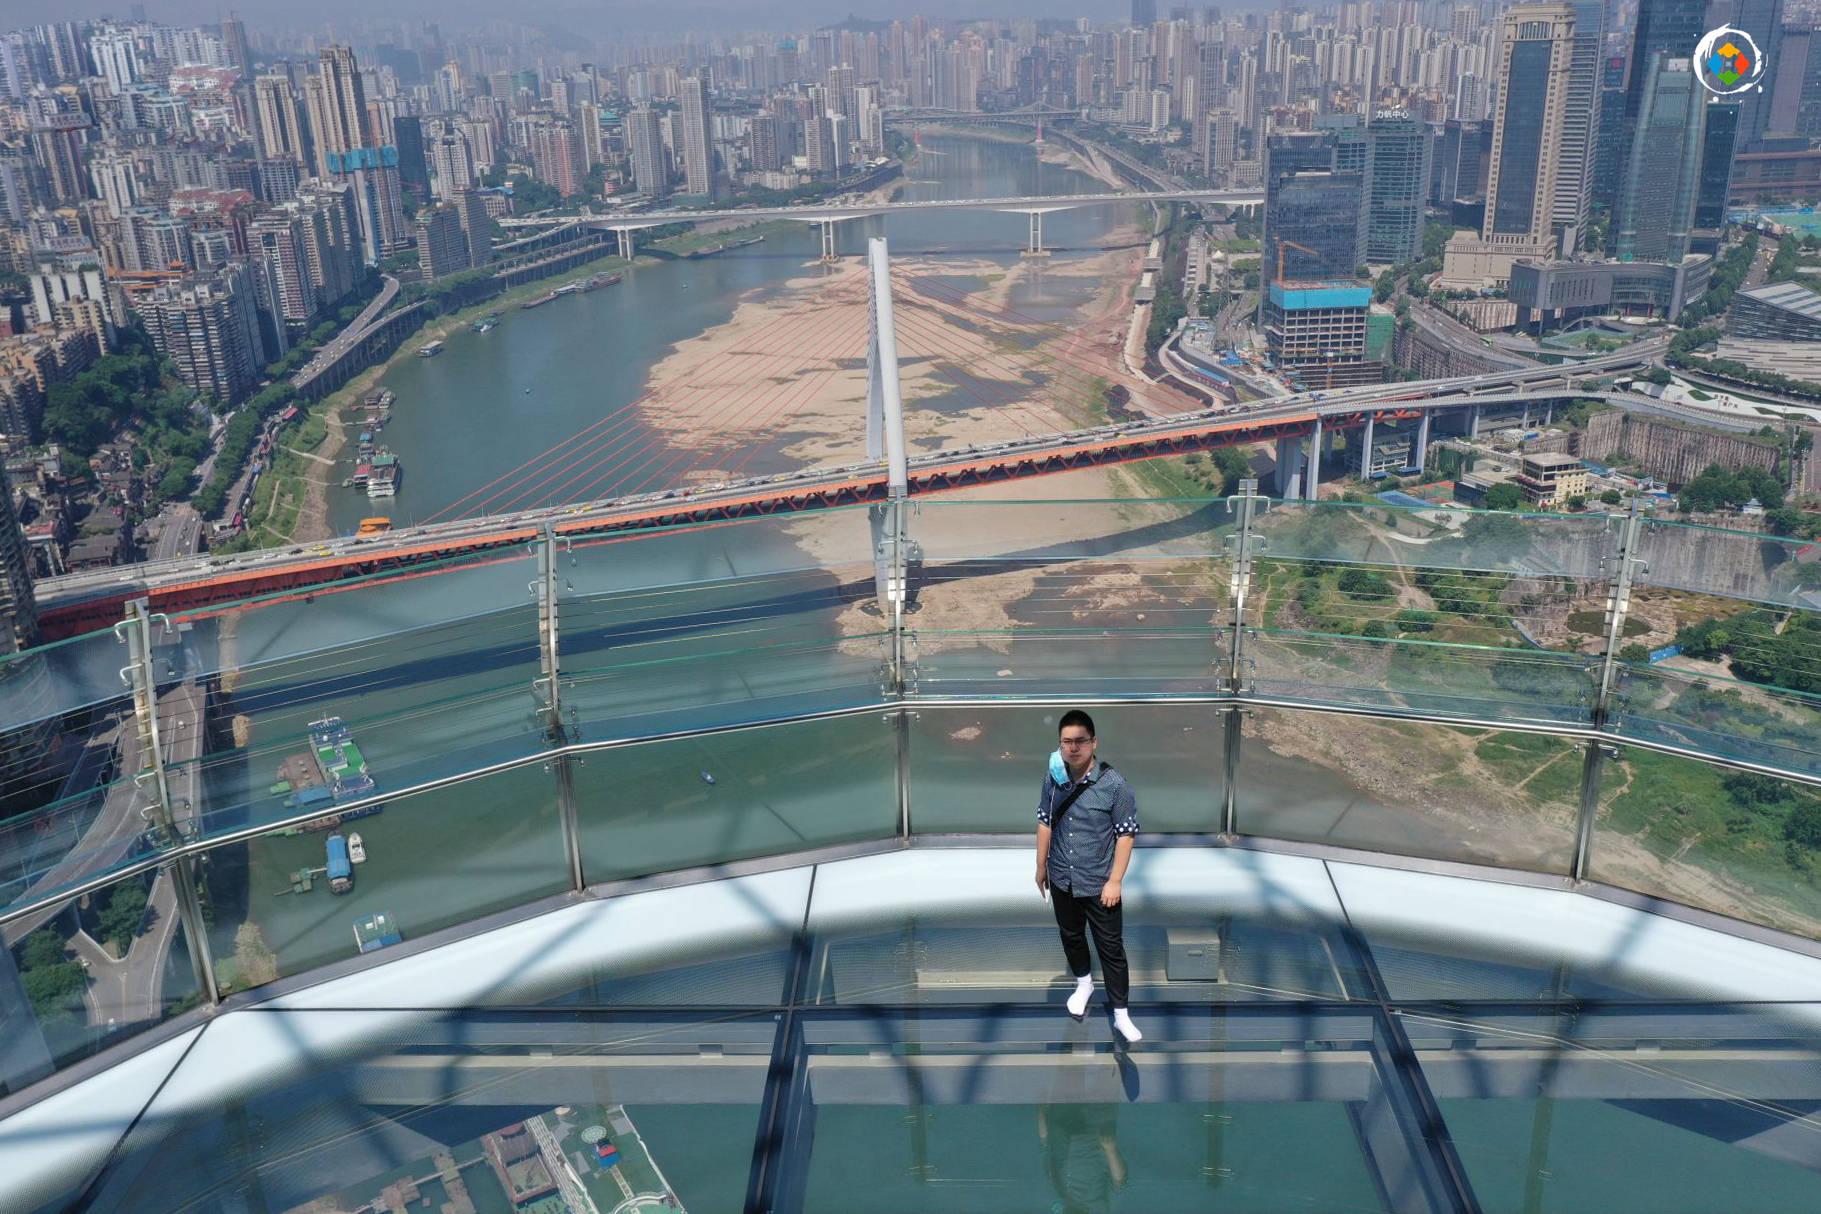 2020年度回顾:重庆老年卡改革,曾家岩大桥通车,李子坝换新